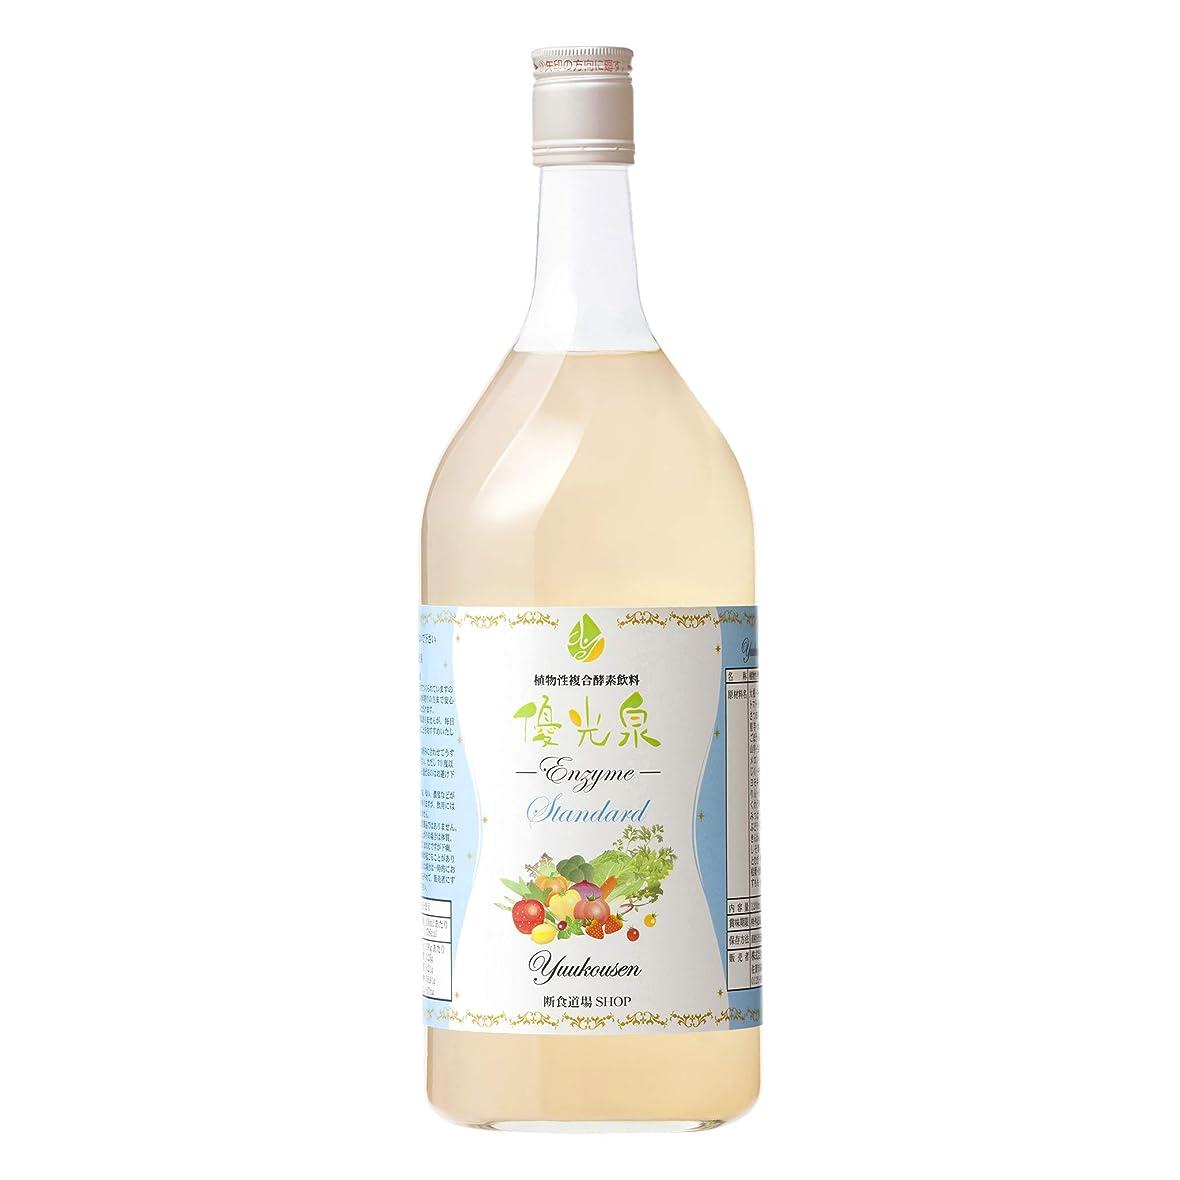 常識解放基準優光泉(スタンダード味)フルボトル1200ml 原材料は全て国内産 完全無添加の酵素ドリンク ファスティング 置き換えダイエット